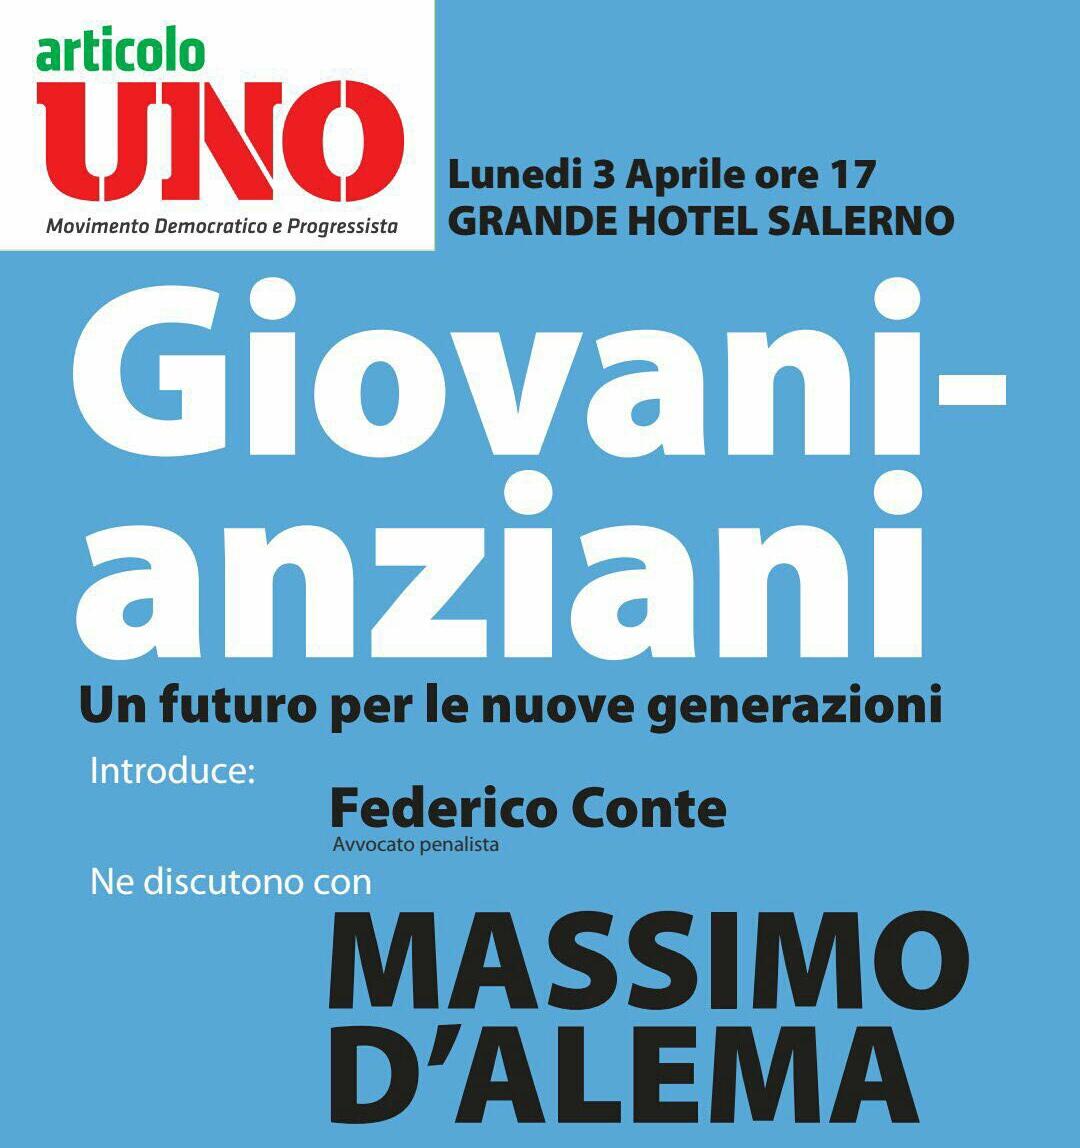 Salerno-convegno-MDP-Federico Conte-Massimo D'Alema